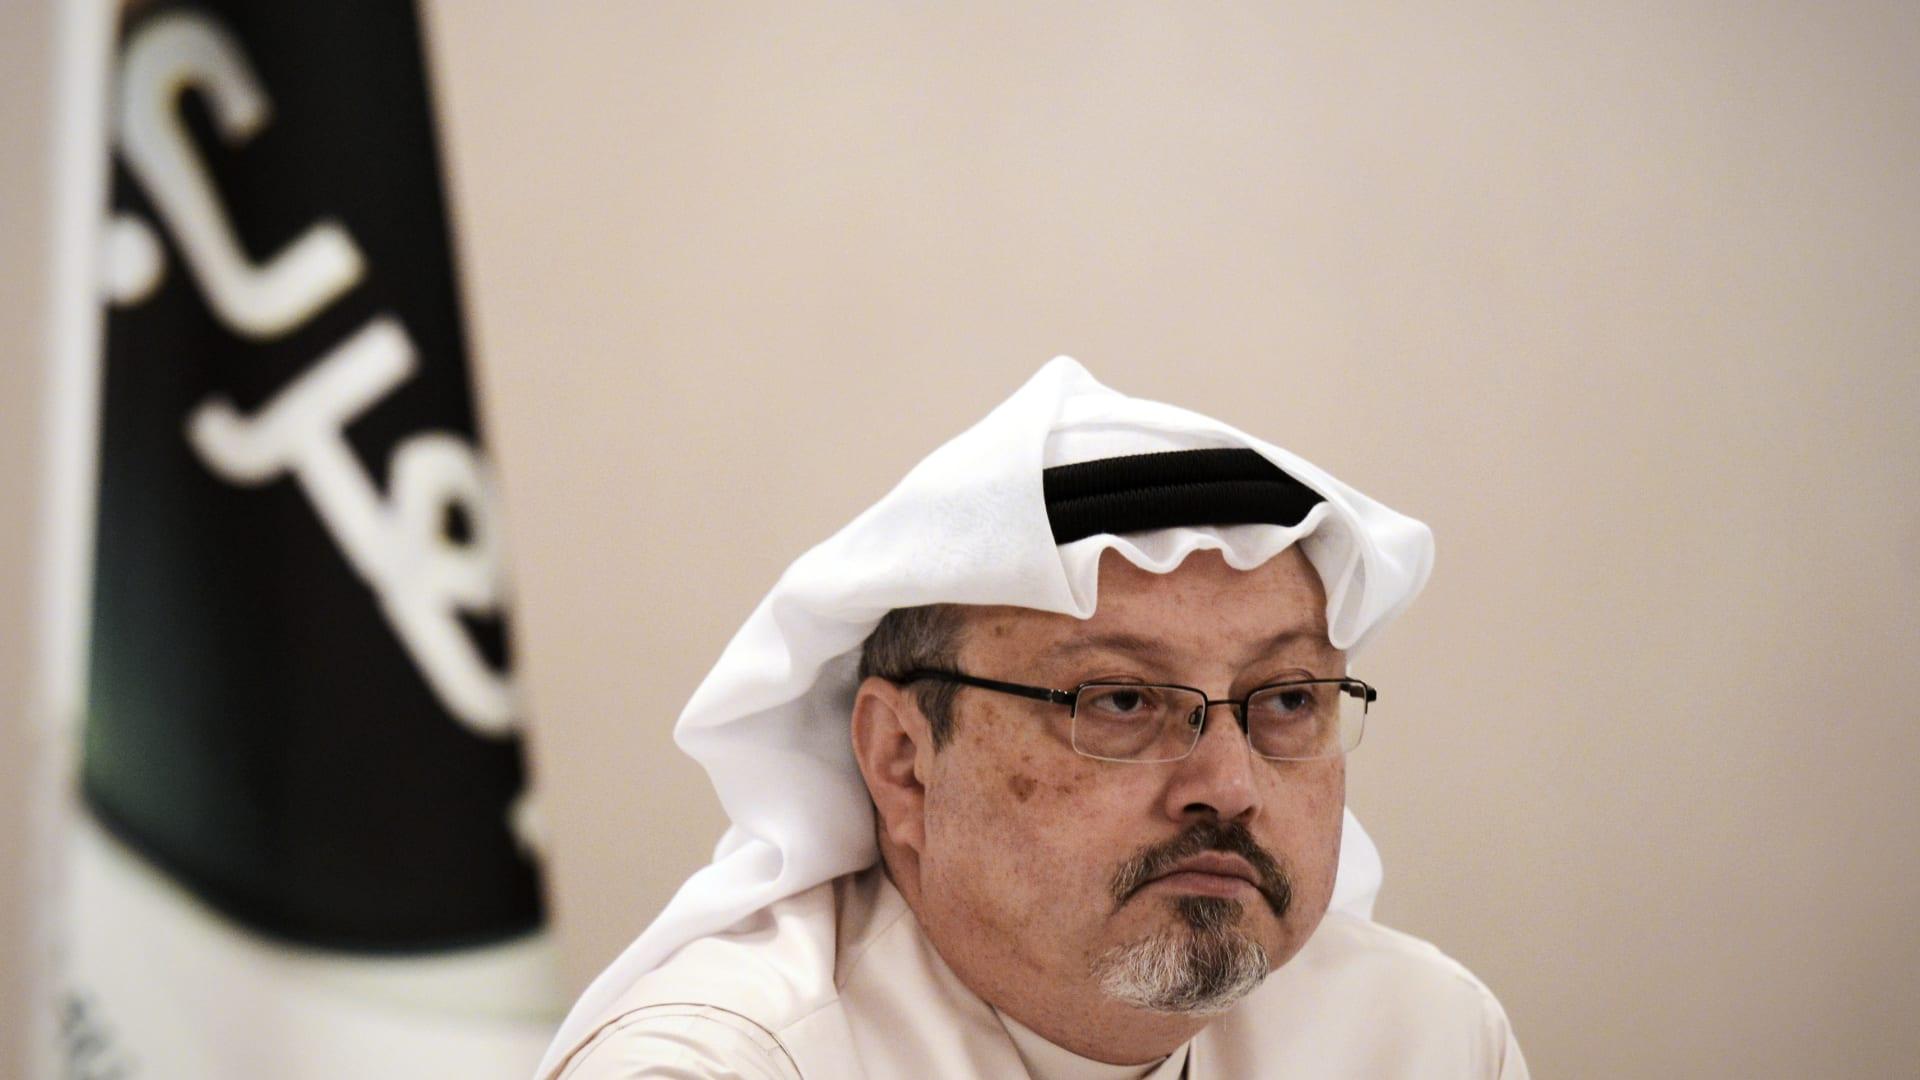 أُعفي من منصبه بسبب قضية خاشقجي.. من هو أحمد عسيري؟